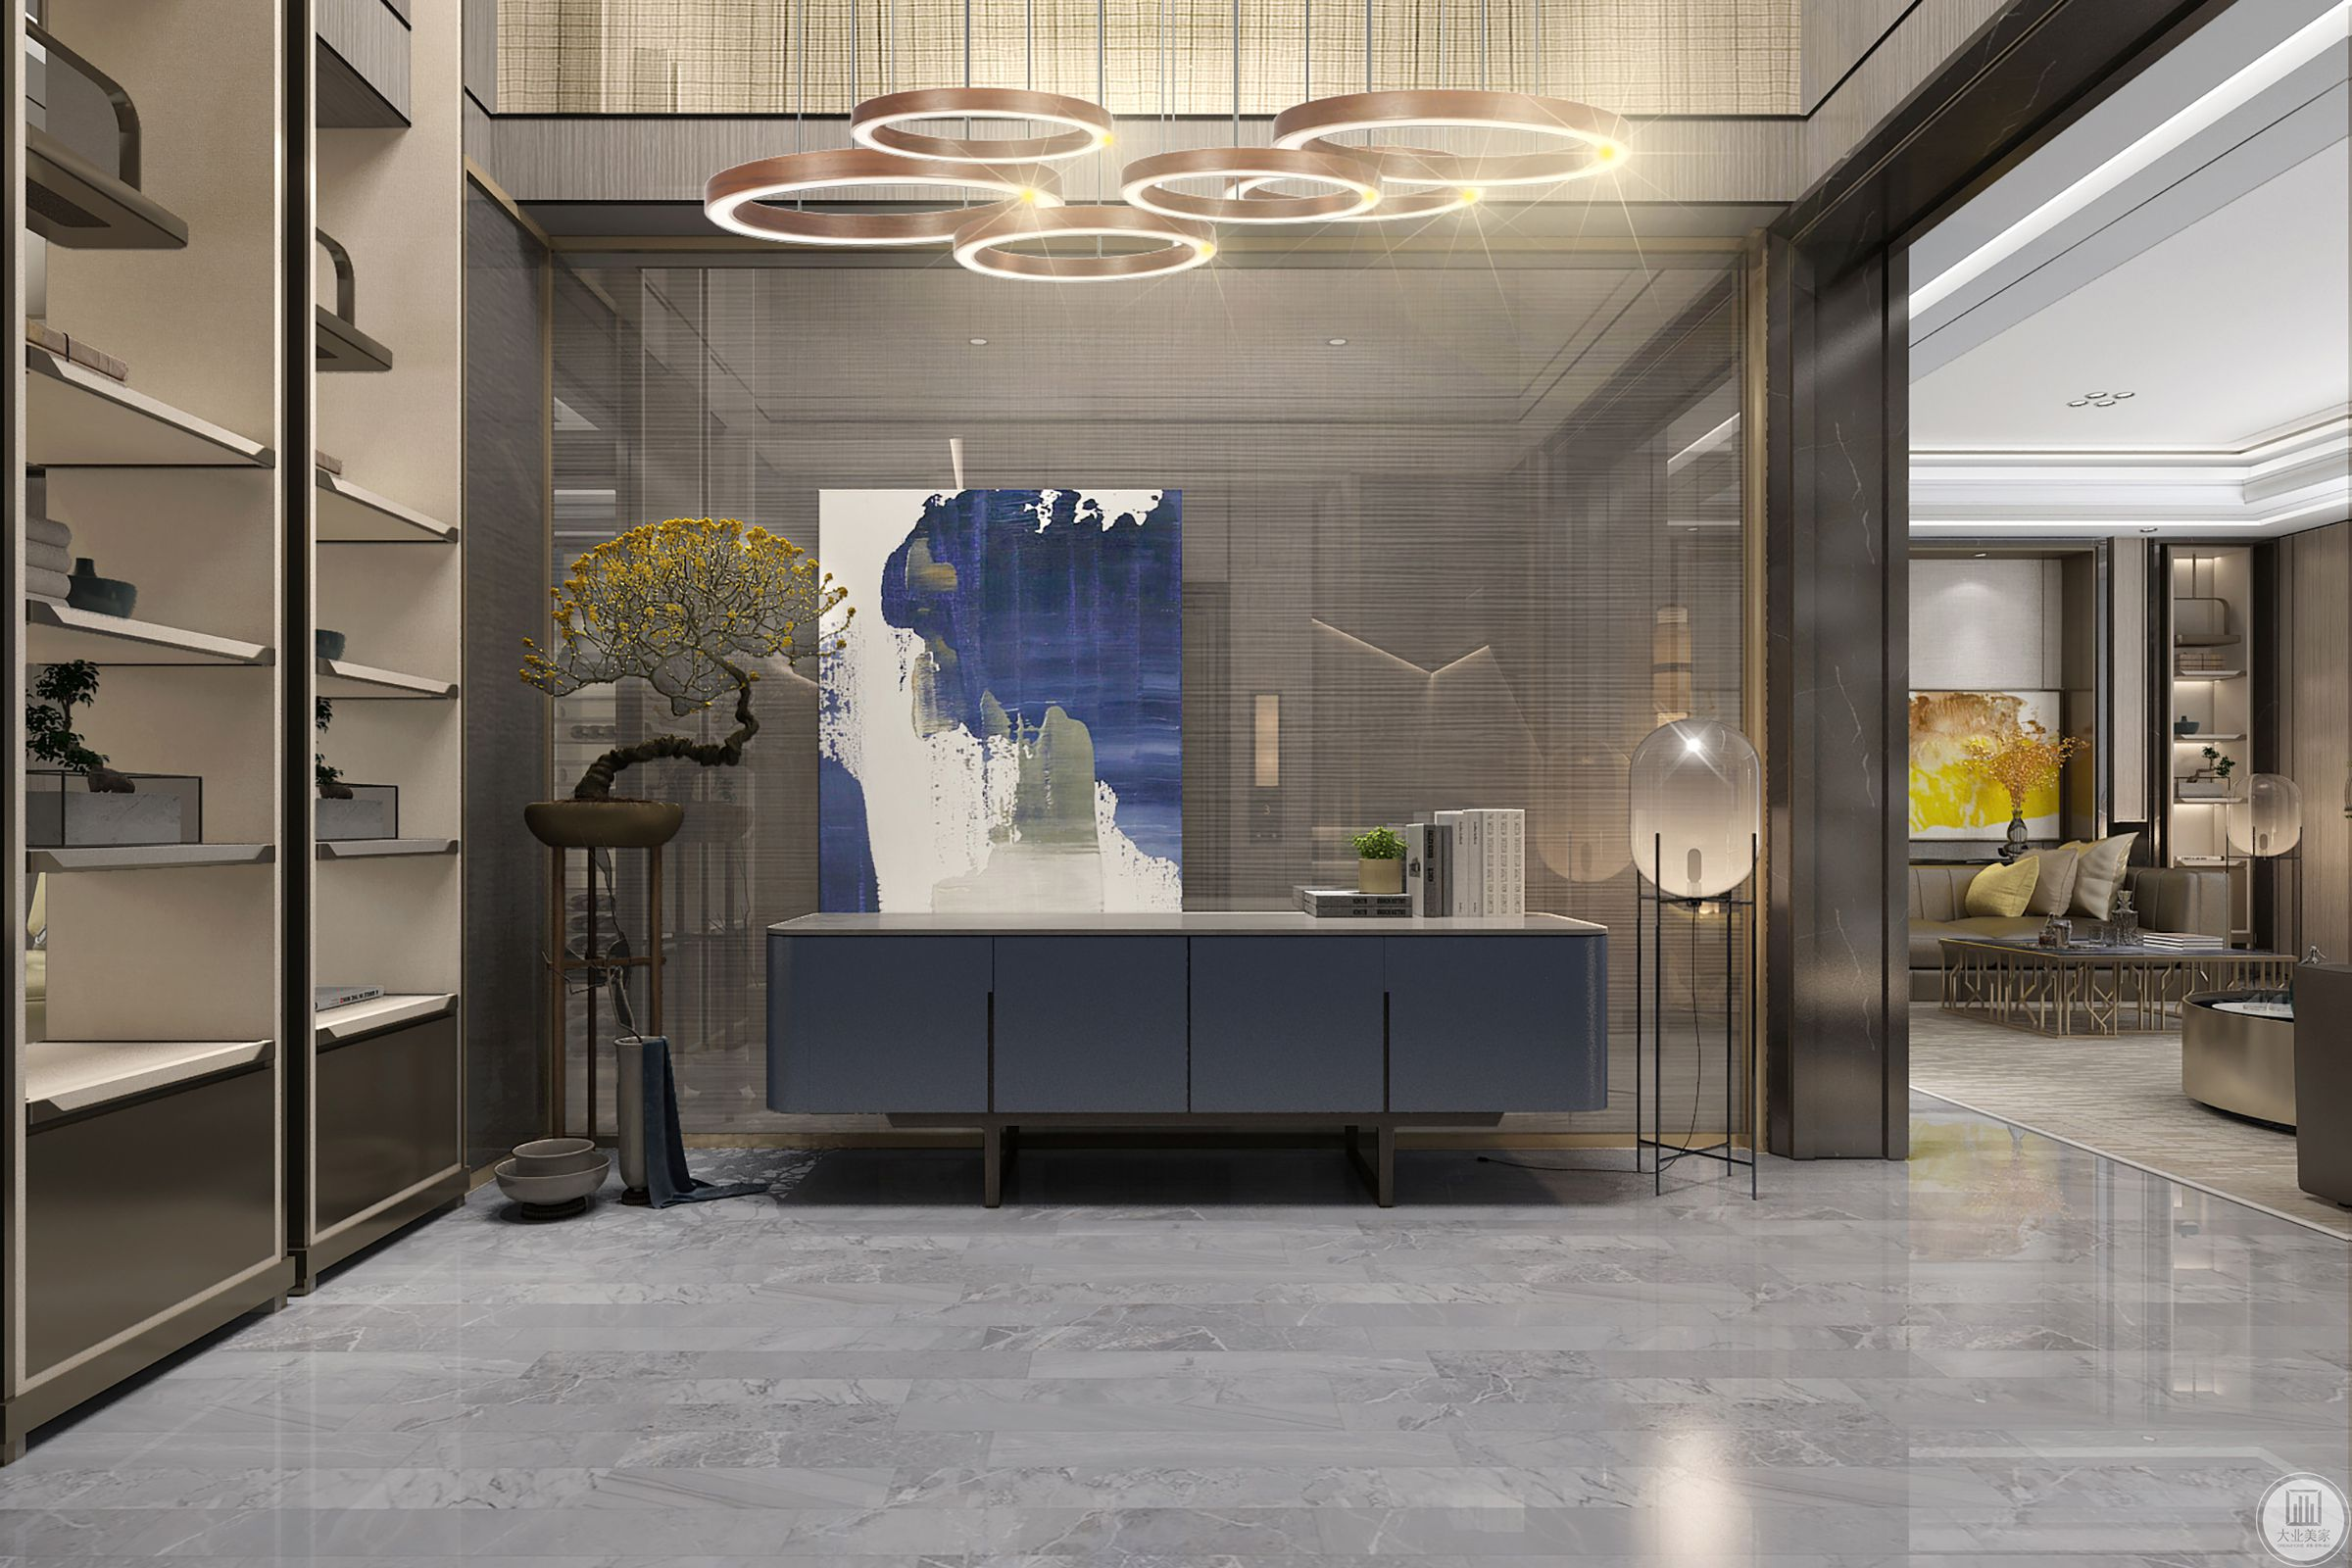 客厅空间处处都摆放着设计师精心设计的陈列品,如家具、灯饰和挂件,陈列着各种精致的中国物件,这些物件与现代的设计在恰当的空间邂逅,让现代设计蕴涵着深深的中国历史文化印迹,让古老的中国艺术焕发活力,这是设计师对中国元素准确的把握、运用和组合。